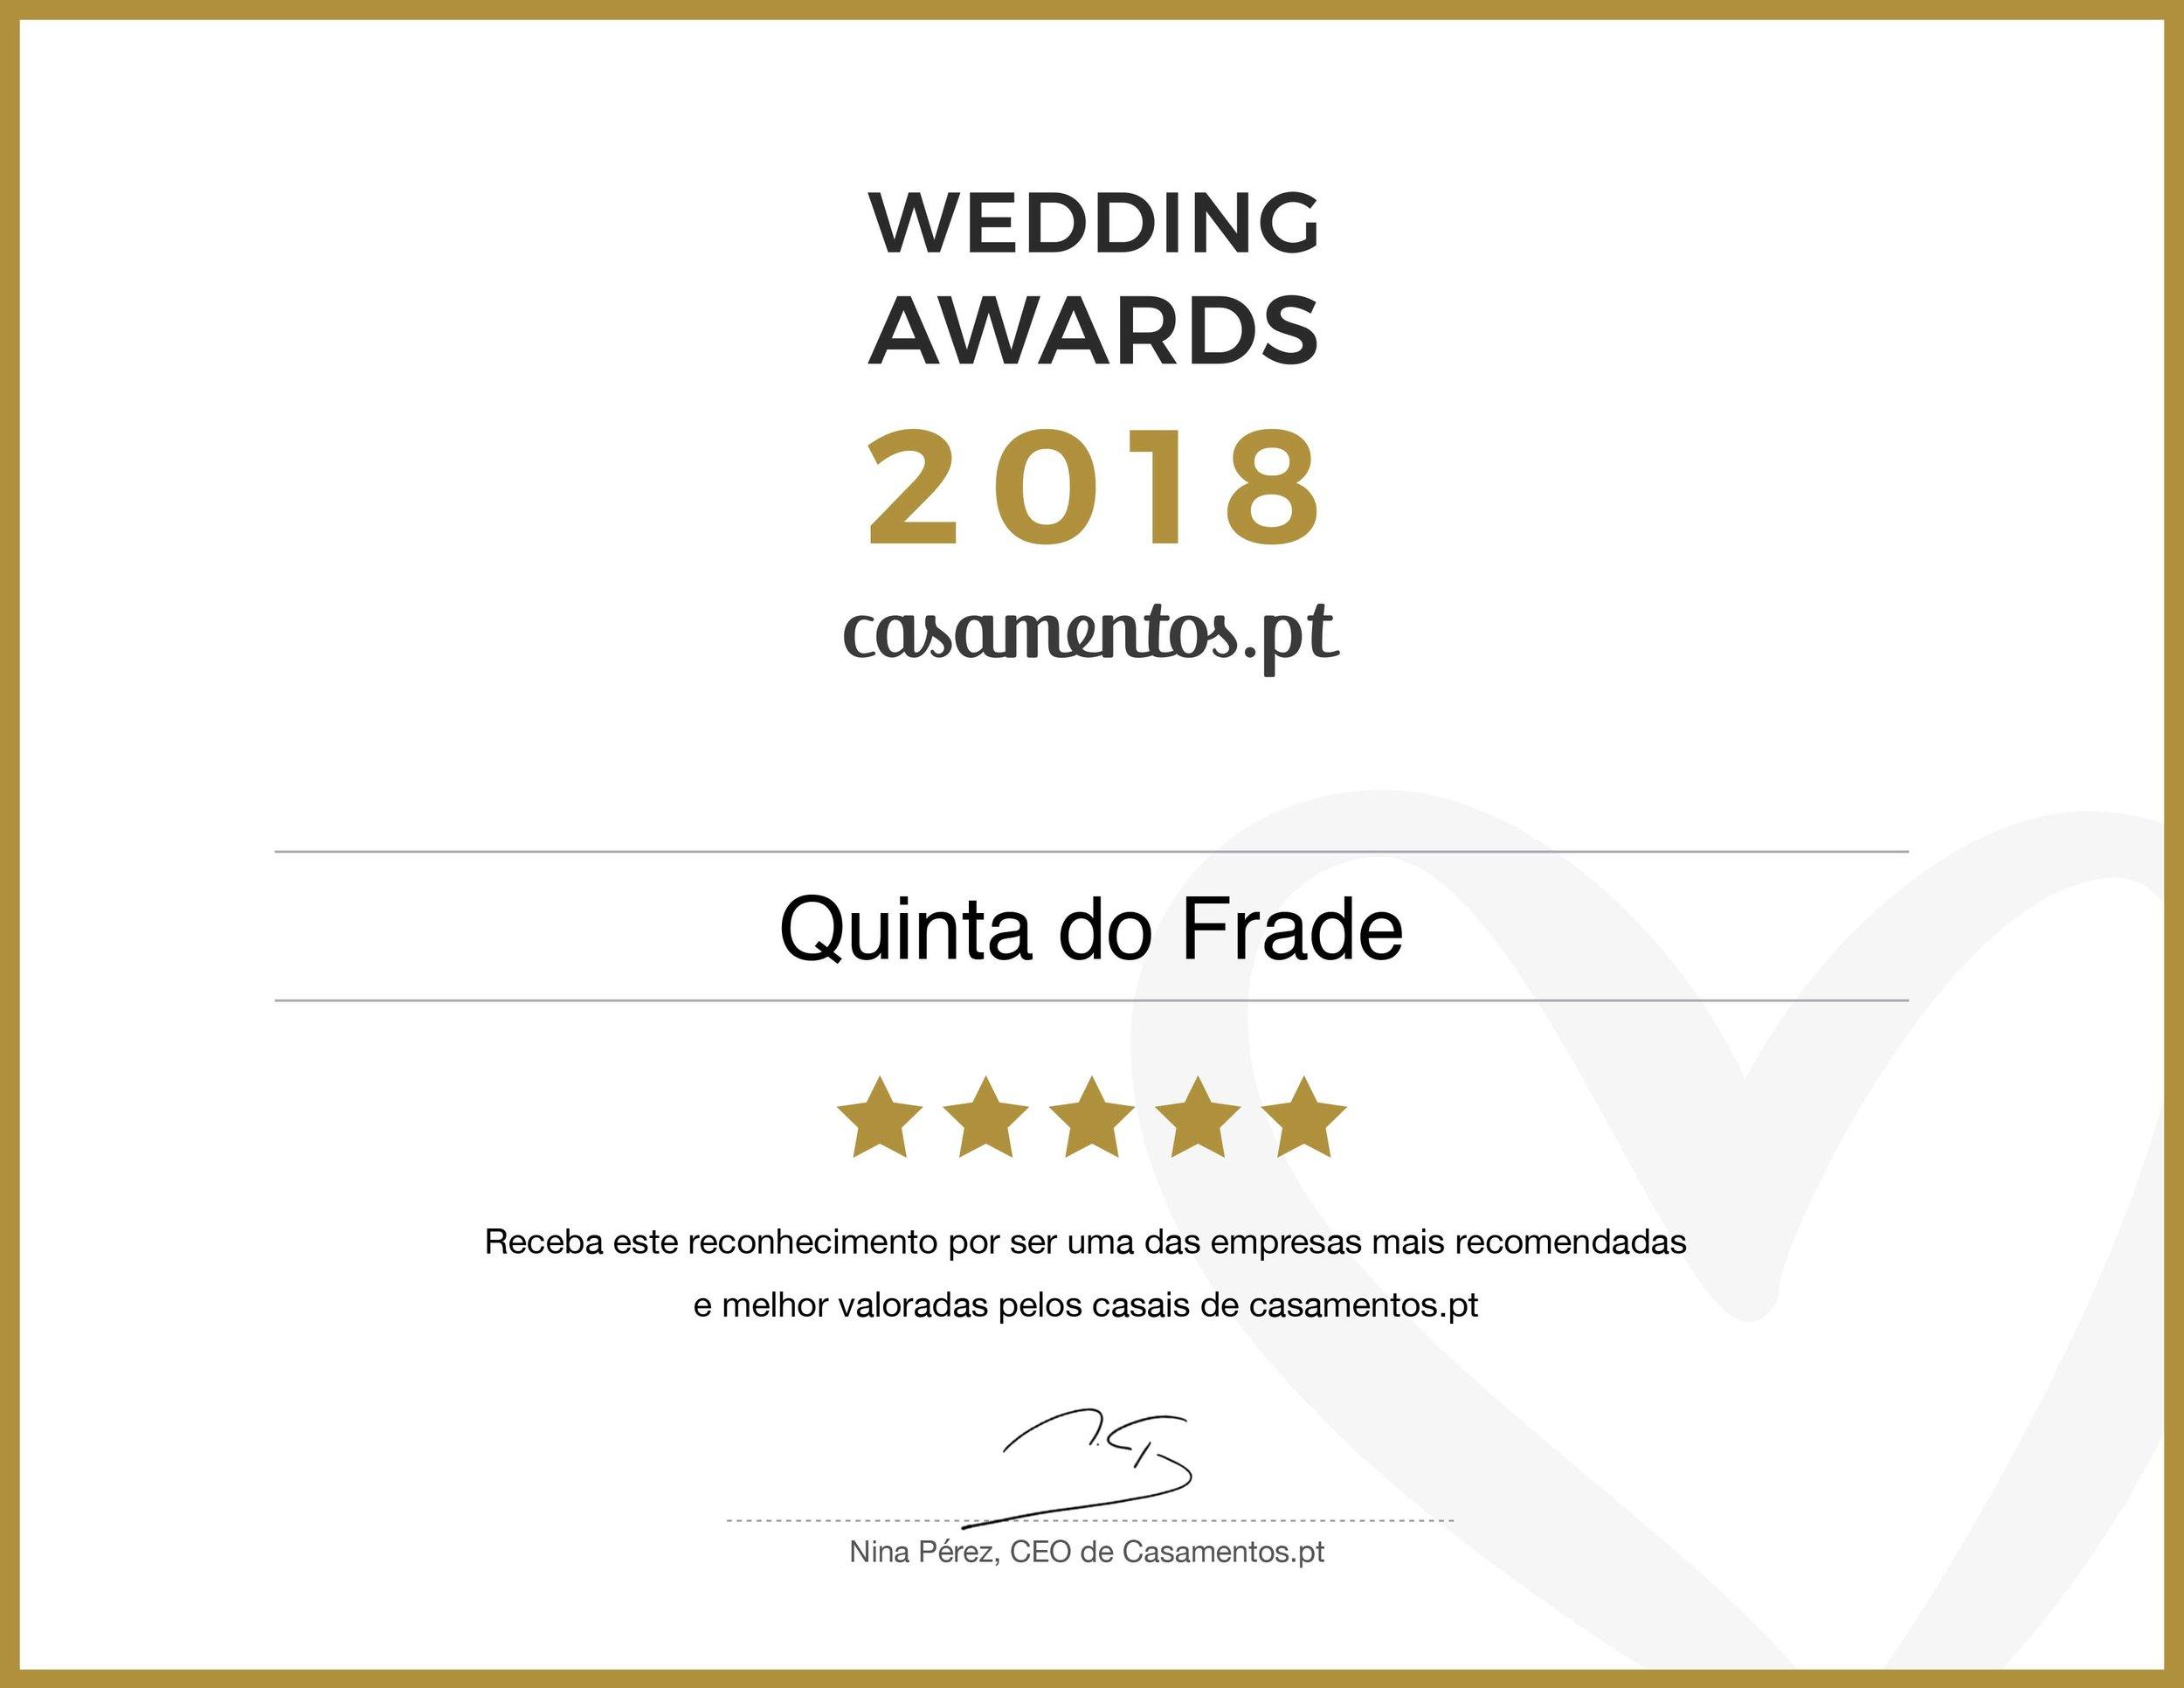 Quinta-do-Frade-Wedding-Awards-Casamentos-2018